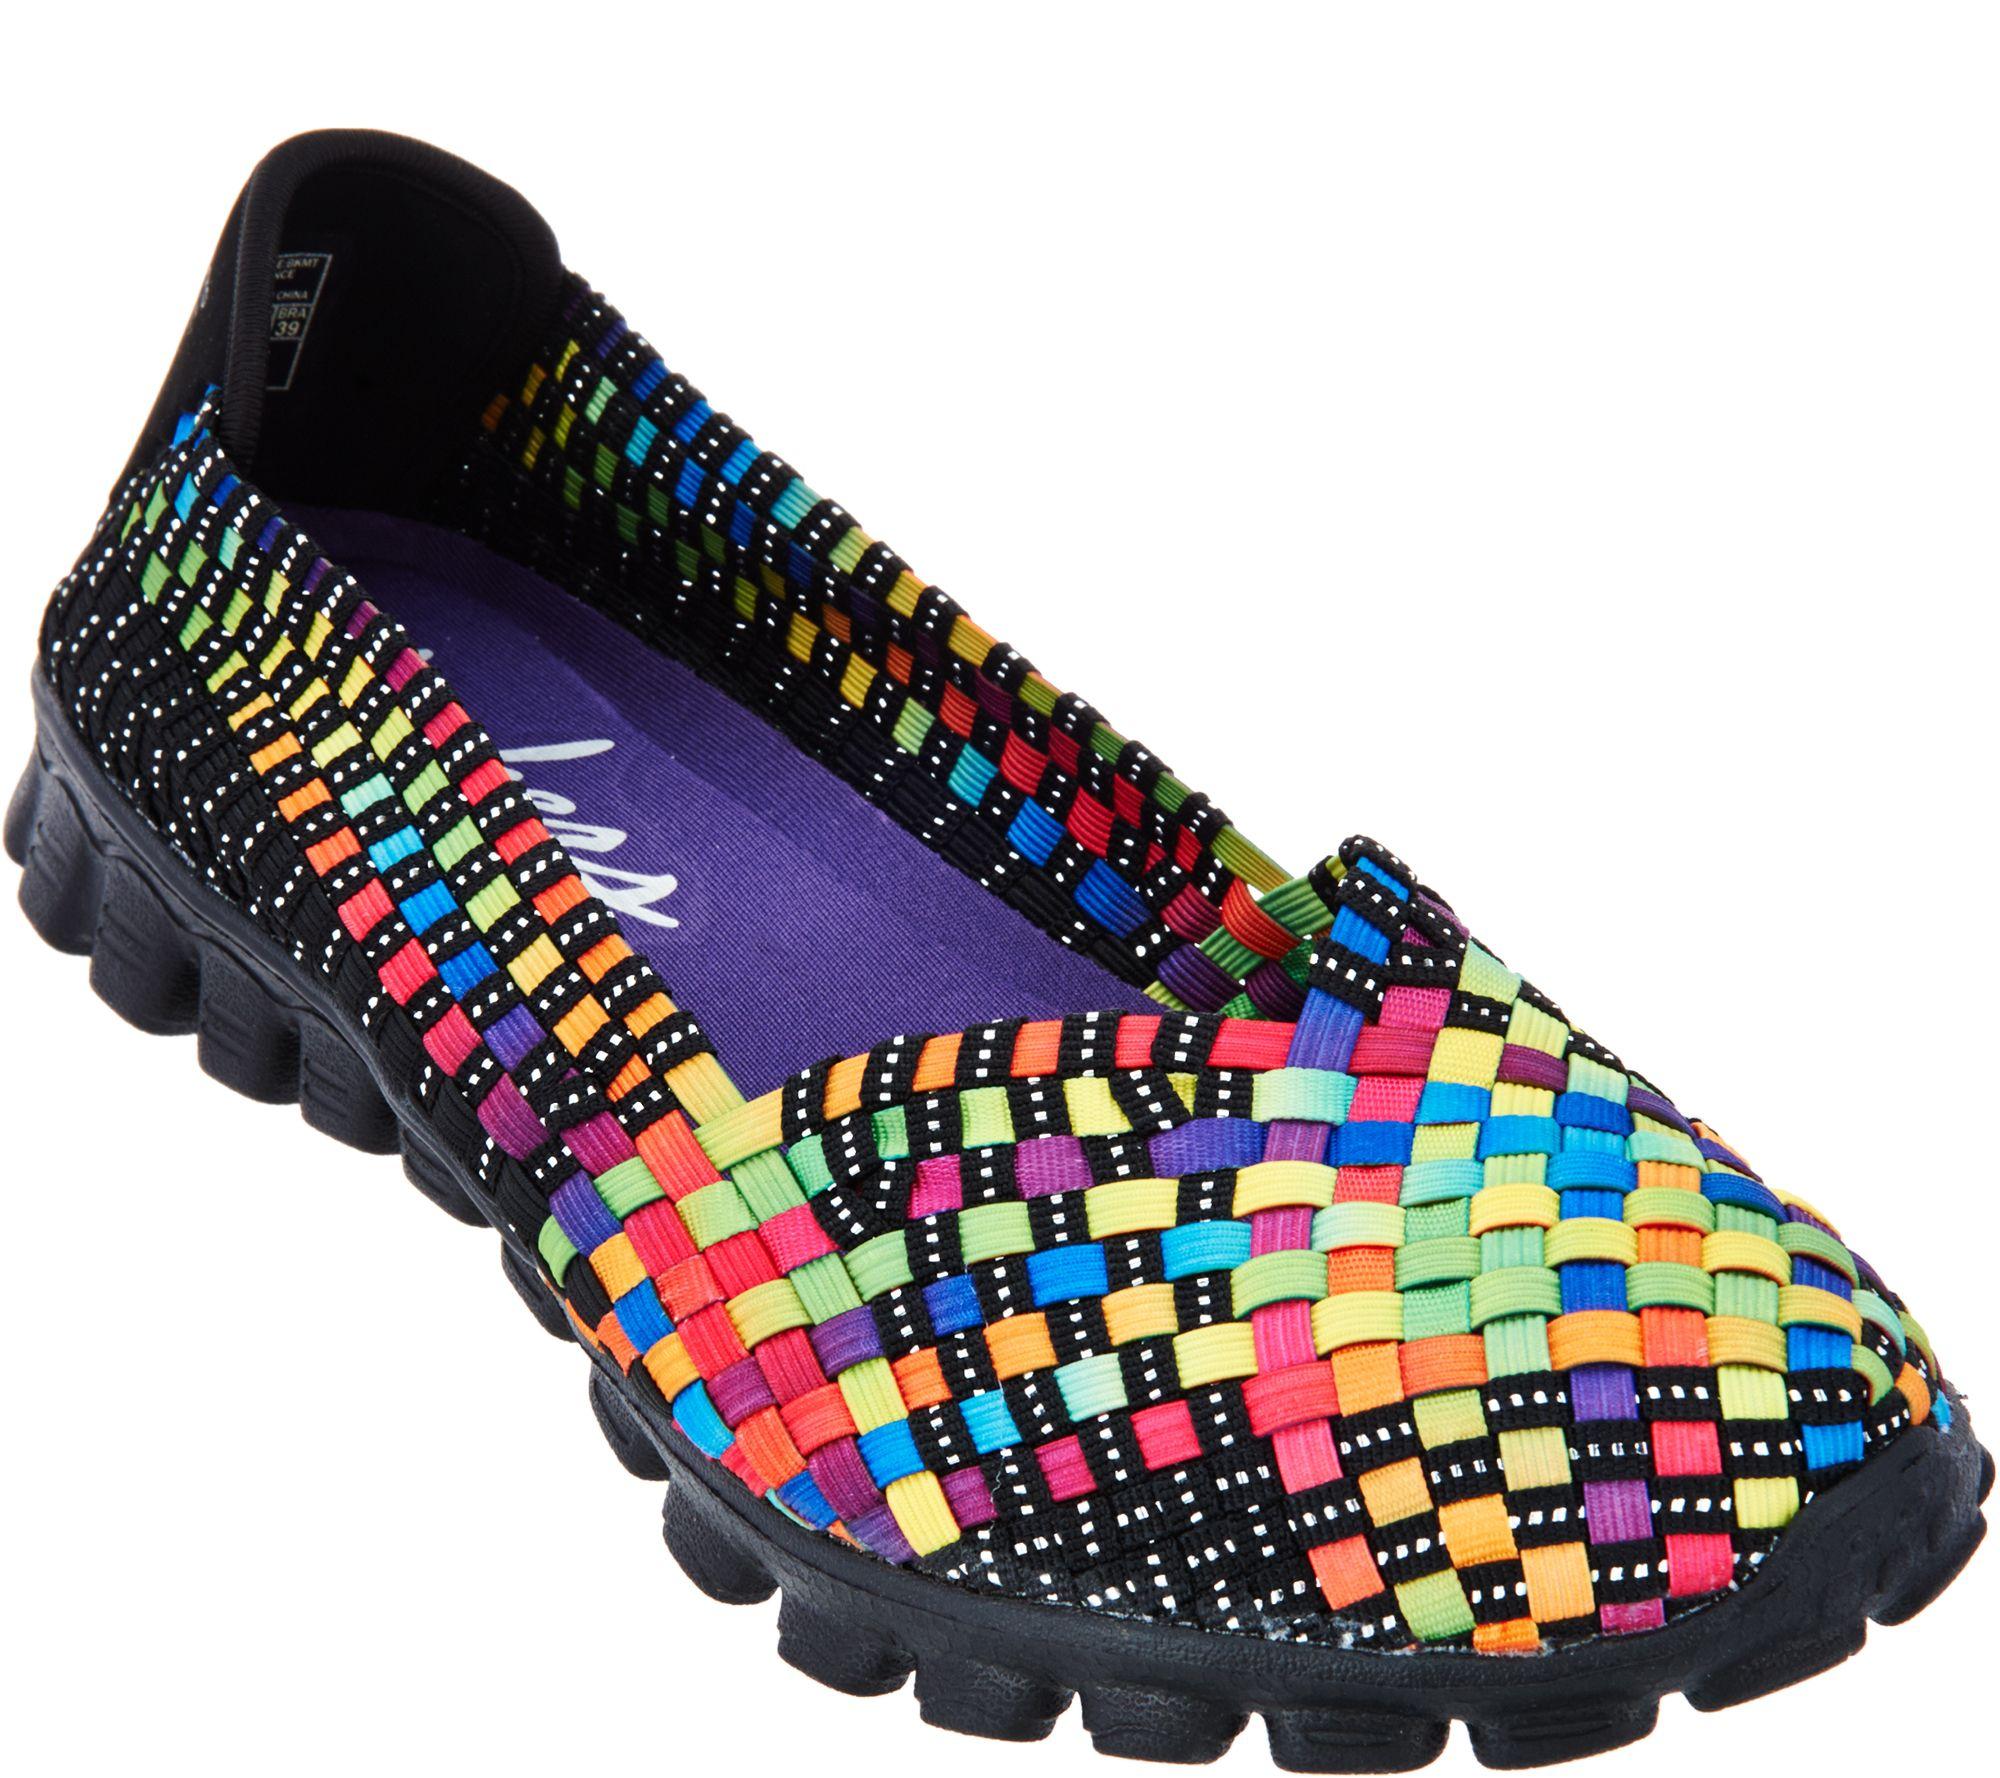 skechers shoes skechers stretch woven slip-on shoes w/ memory foam - delphi - page 1 - YBENKGN